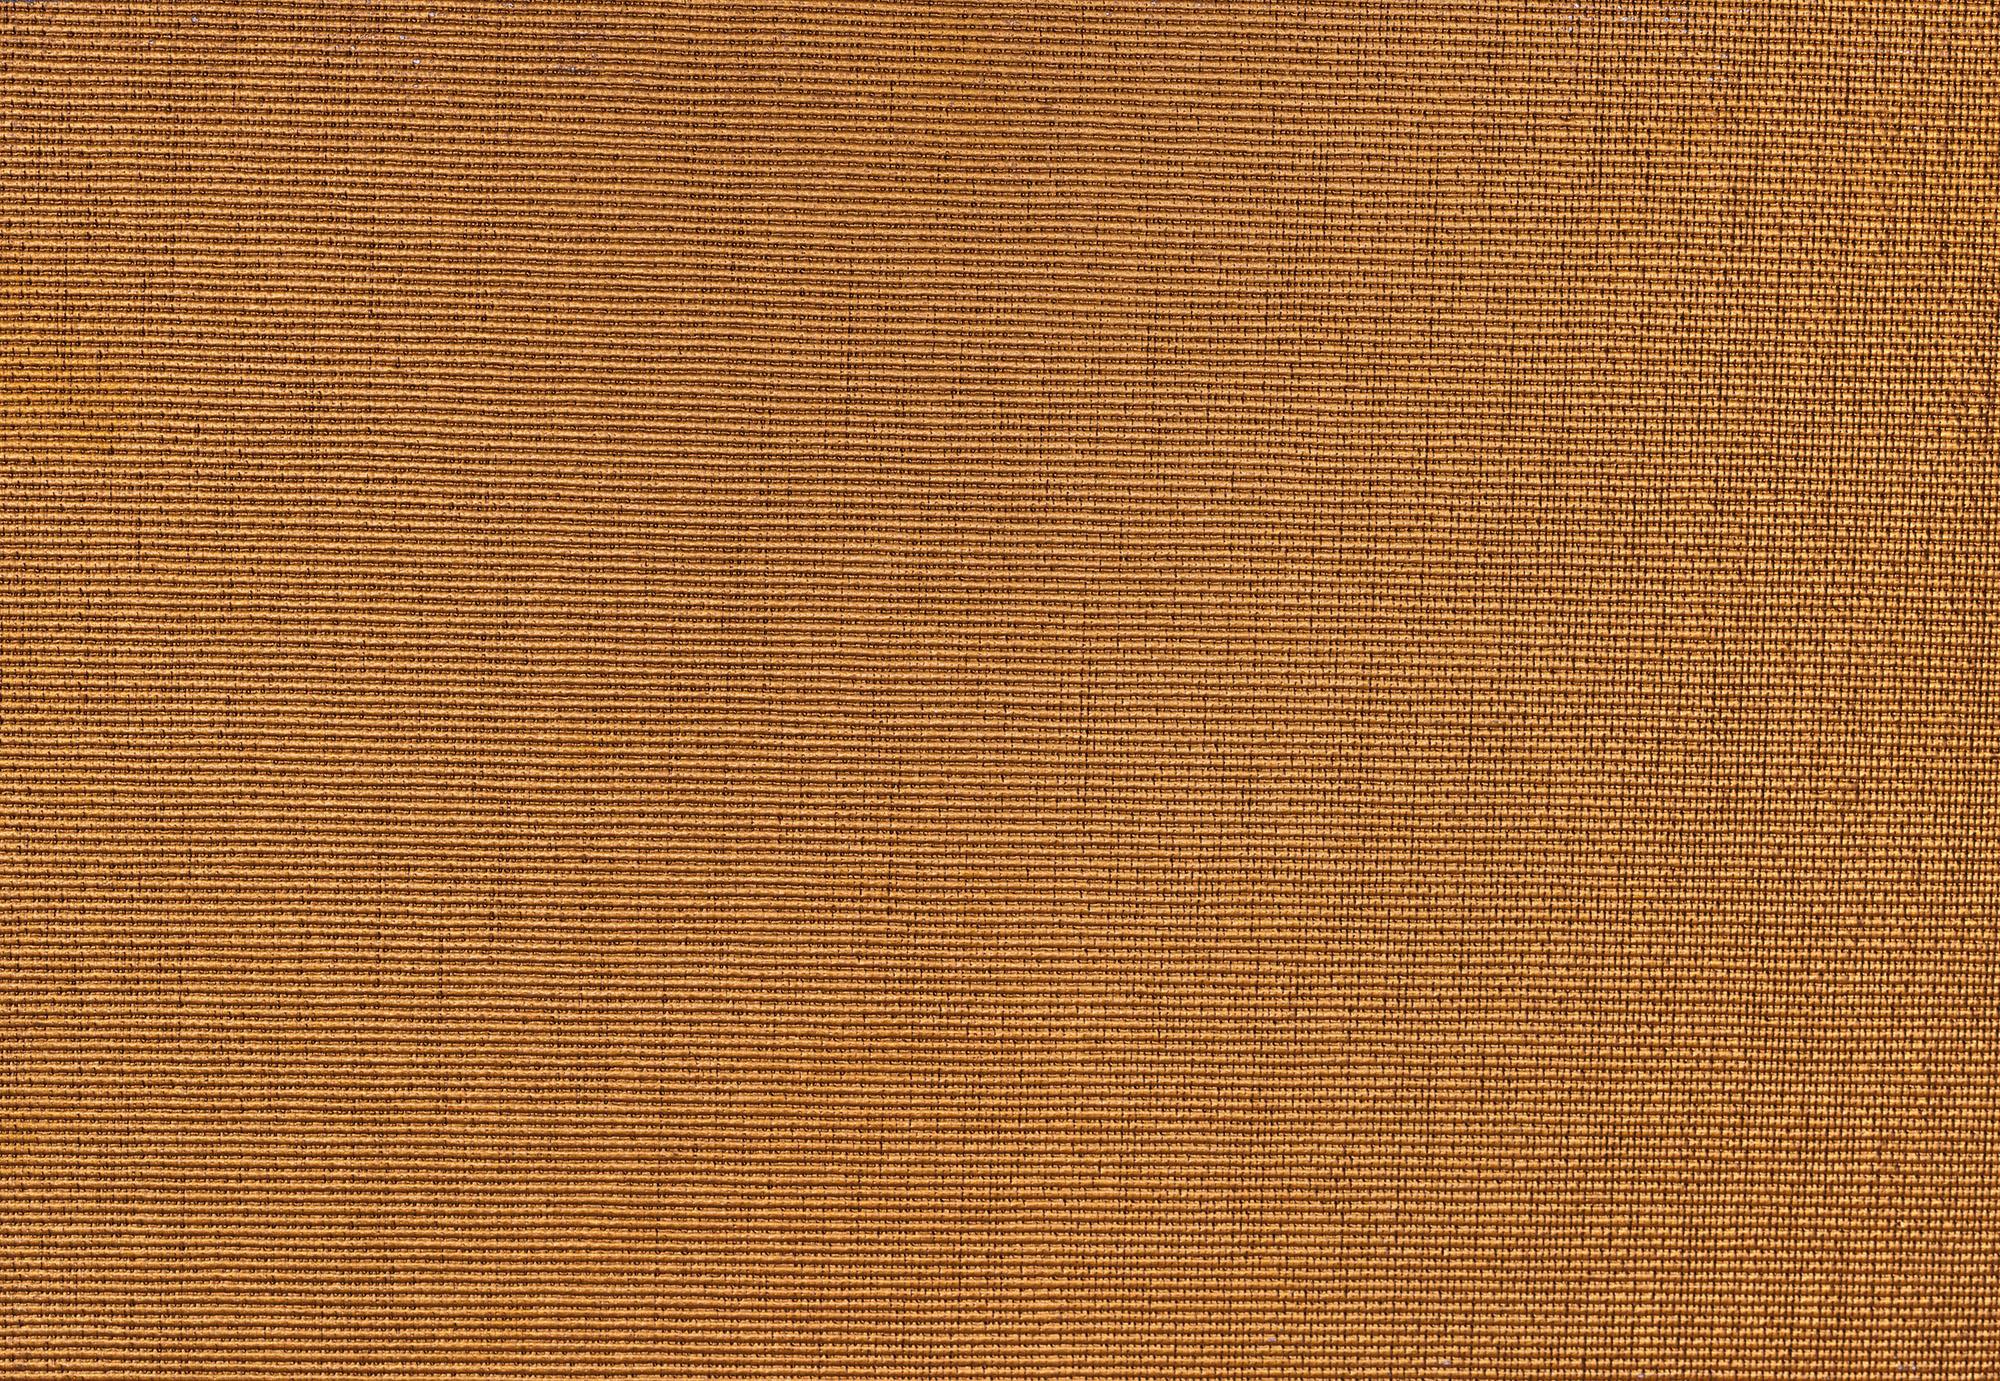 M6434 Woven Cupro